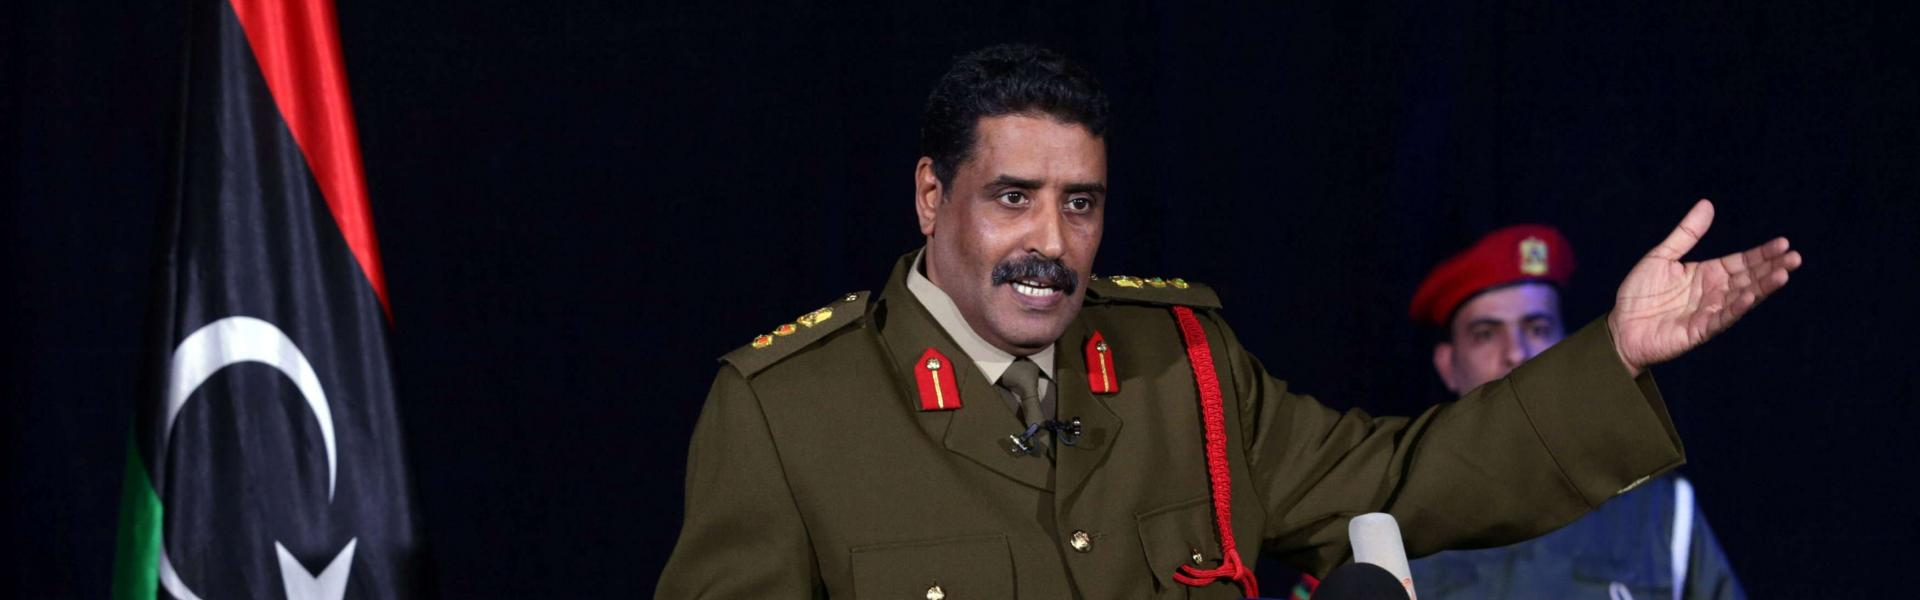 Ο Εθνικός Στρατός της Λιβύης ζητά από τον ΟΗΕ να επιβάλει κυρώσεις στην Τουρκία επειδή στηρίζει την τρομοκρατία